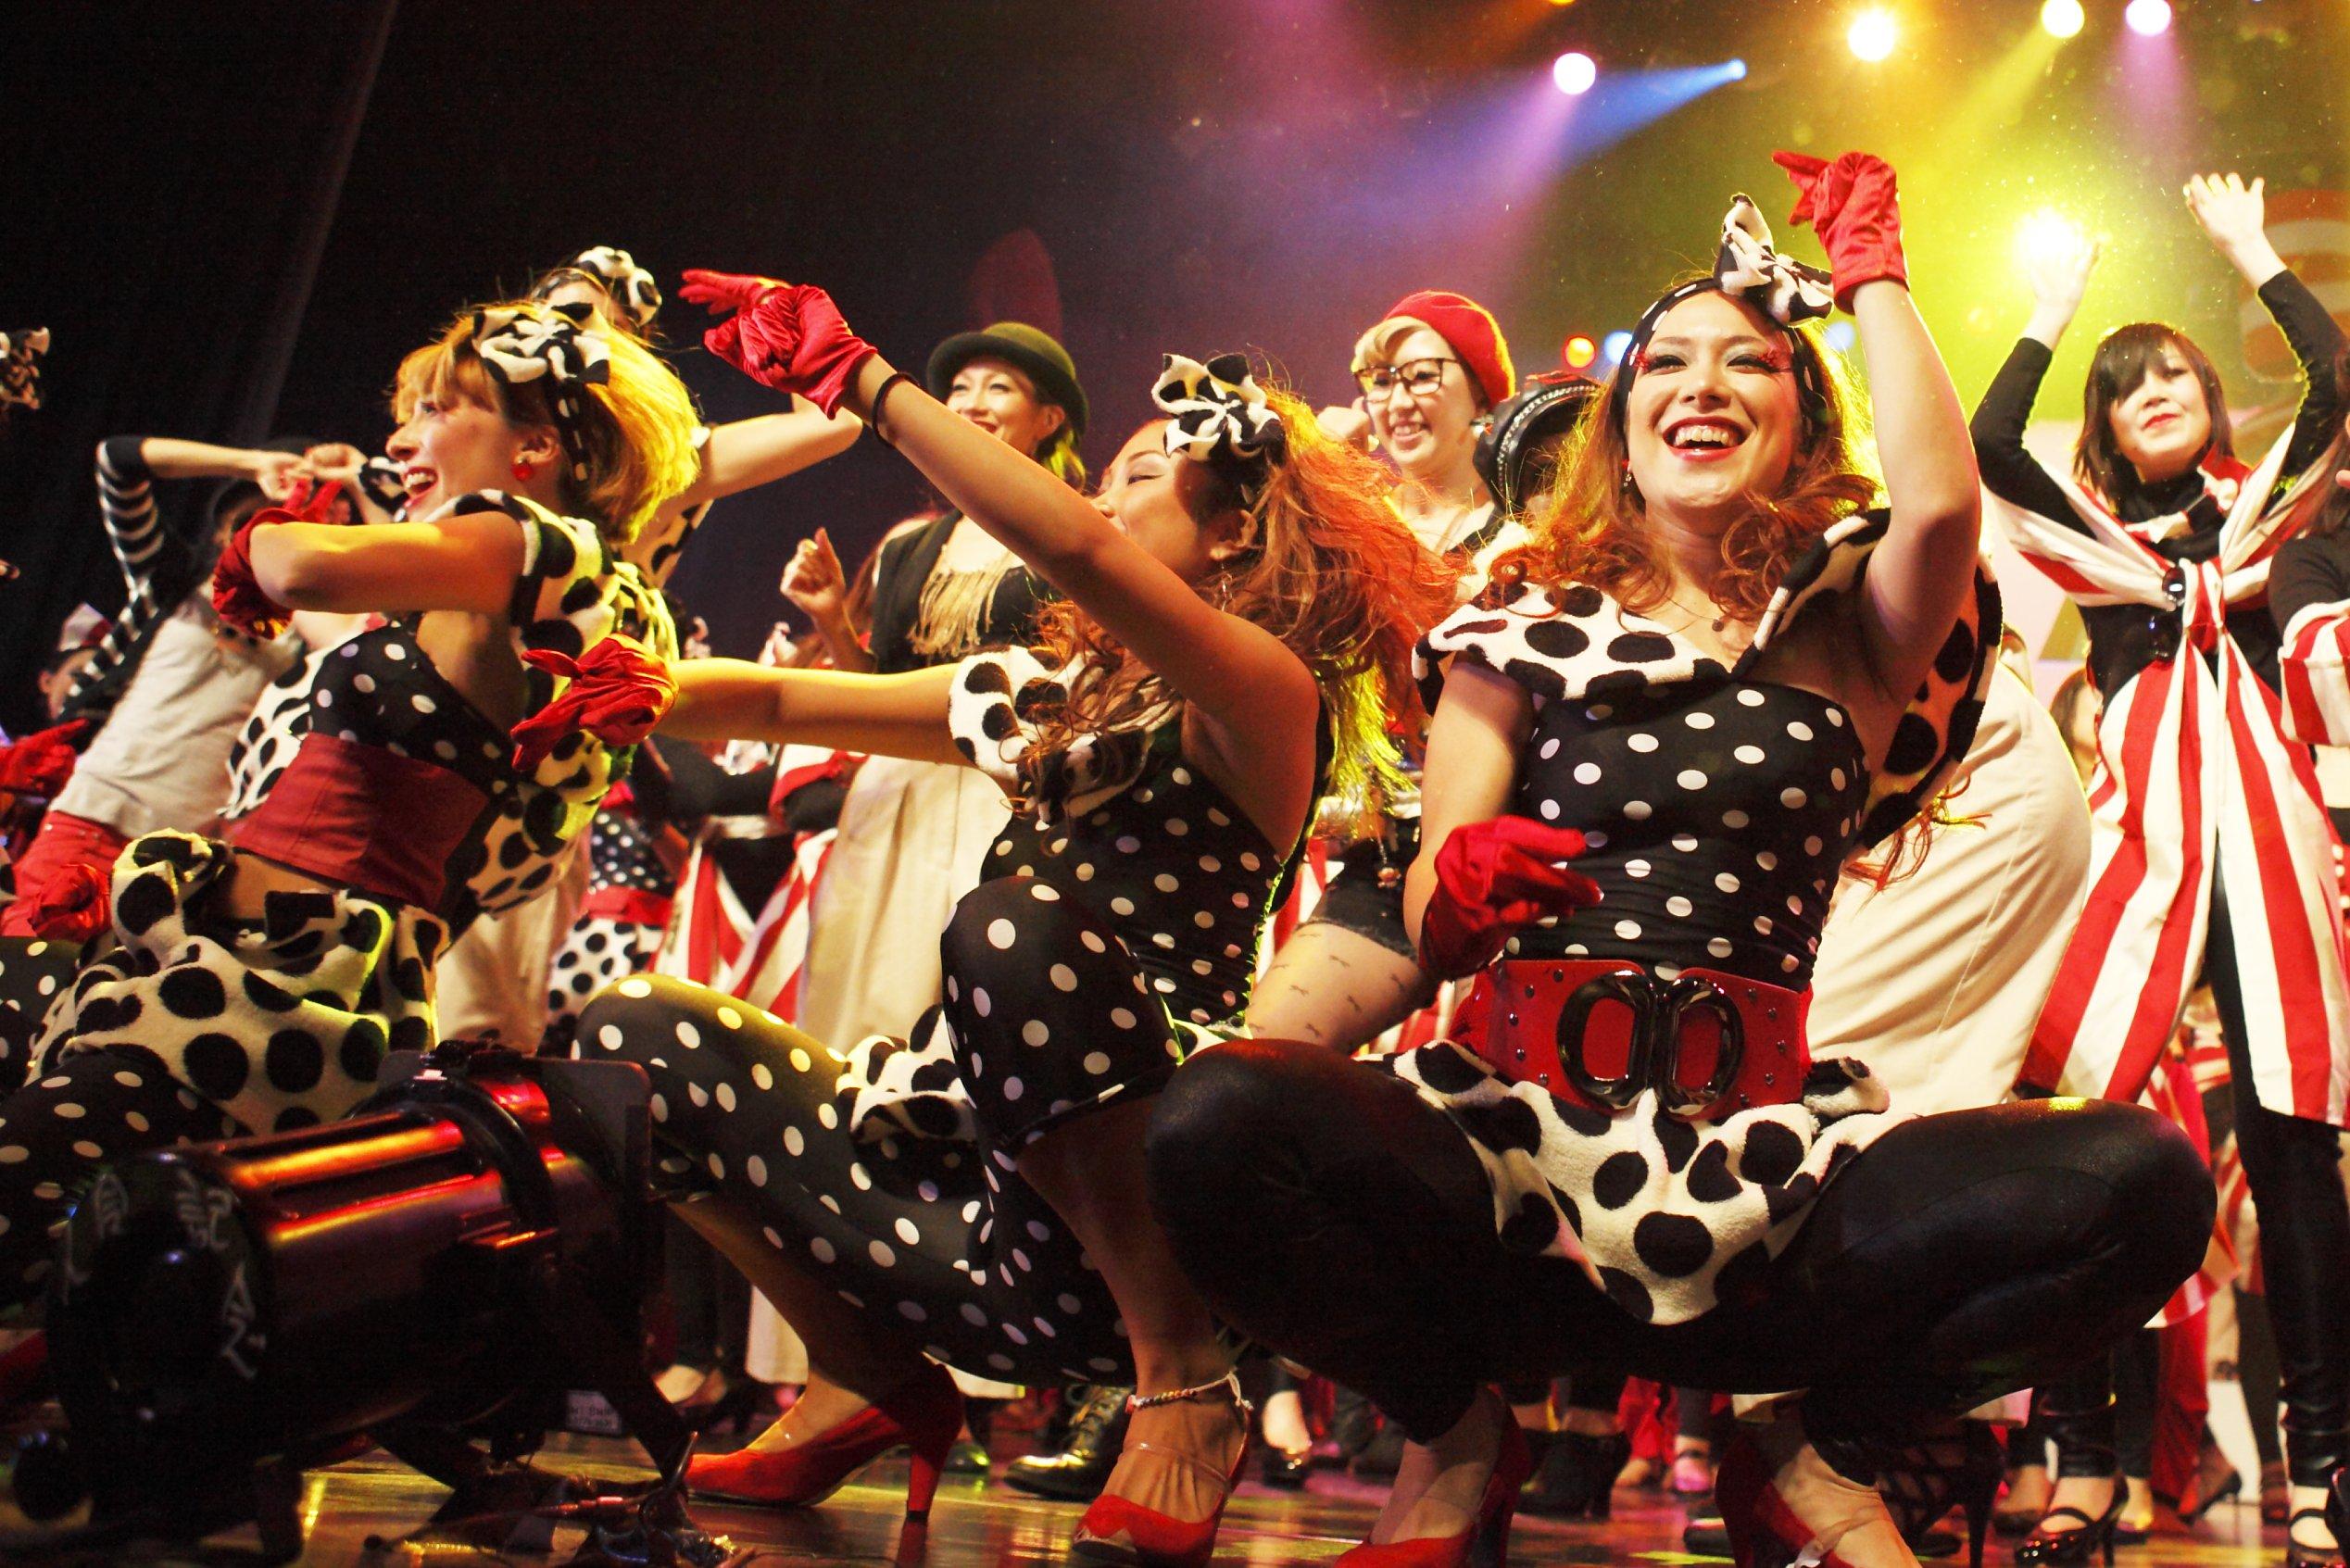 記事「【スタッフ募集】夢や希望を形に!「ダンスが好き」を仕事にしよう!ダンススタジオ・イベント企画運営スタッフ」の画像